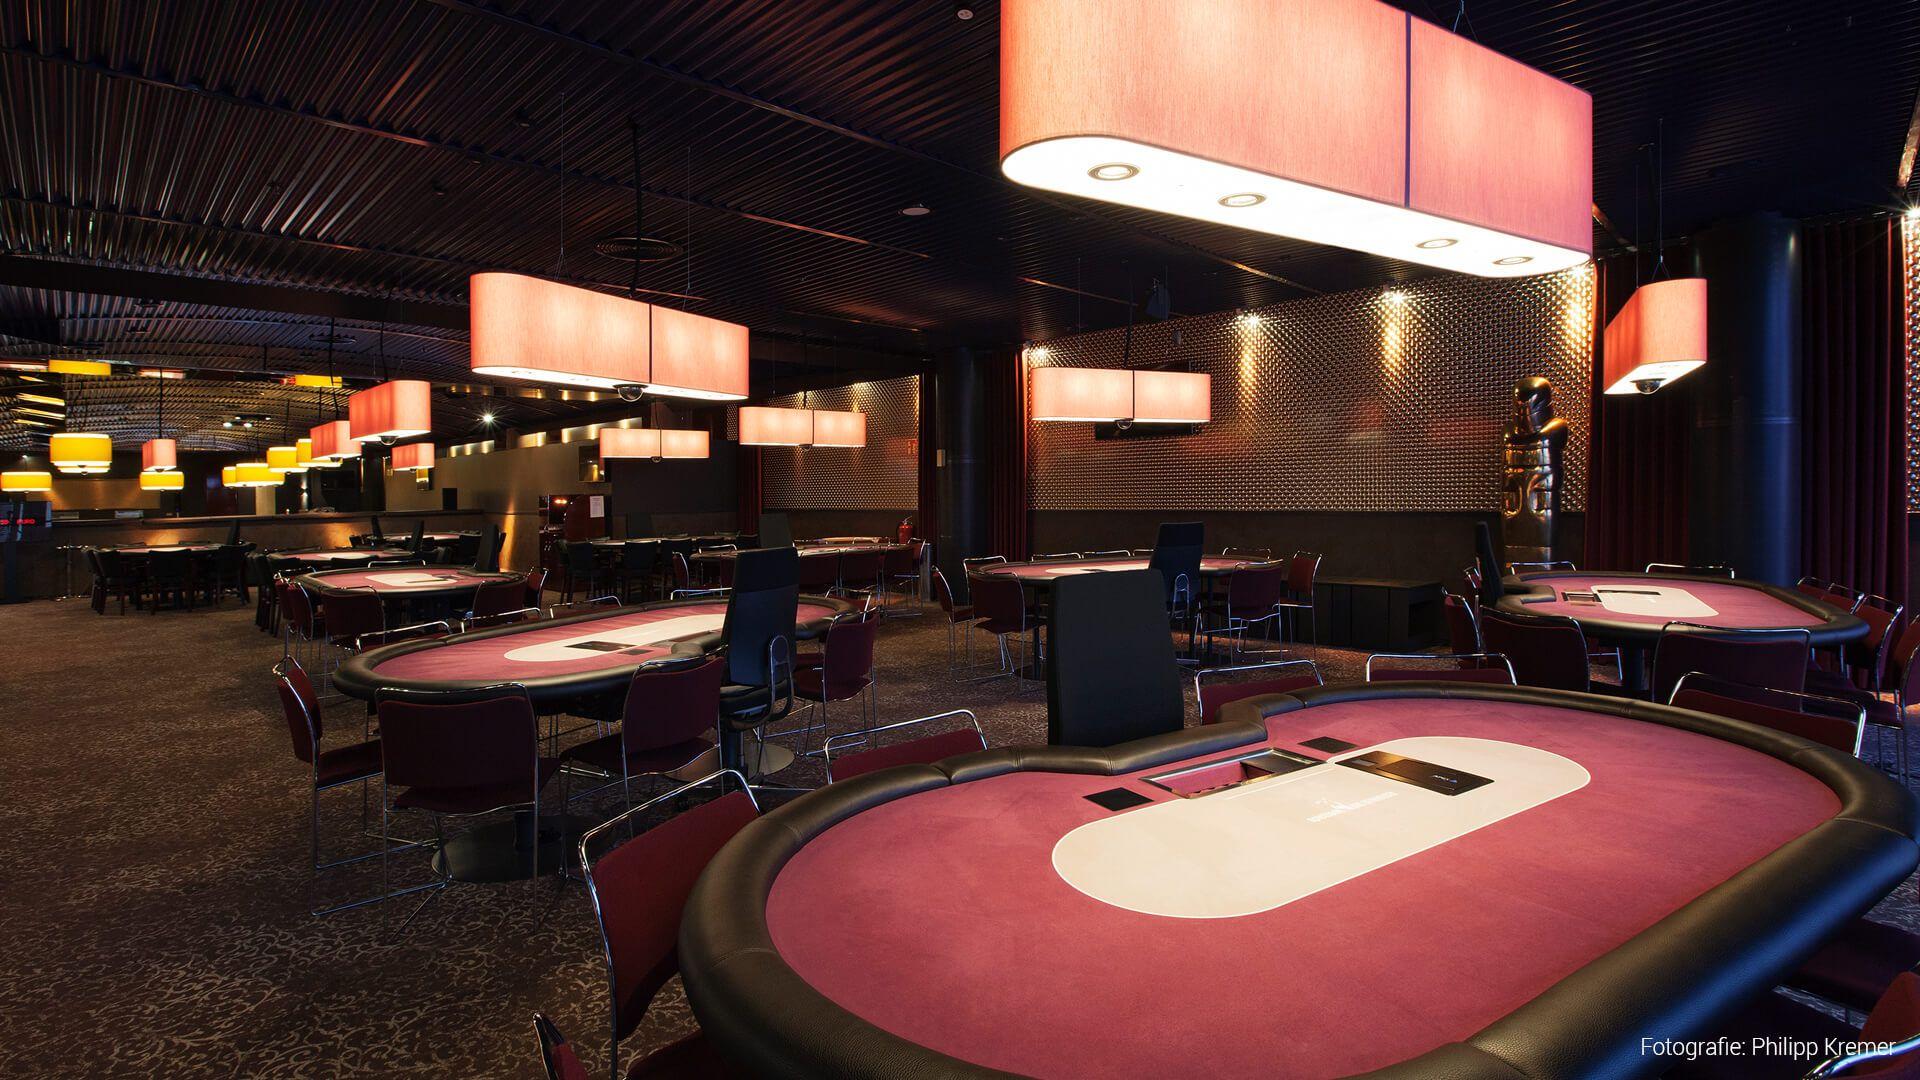 internet casino spiele echtgeld gewinnen ohne einzahlung spielautomaten gewinnchance